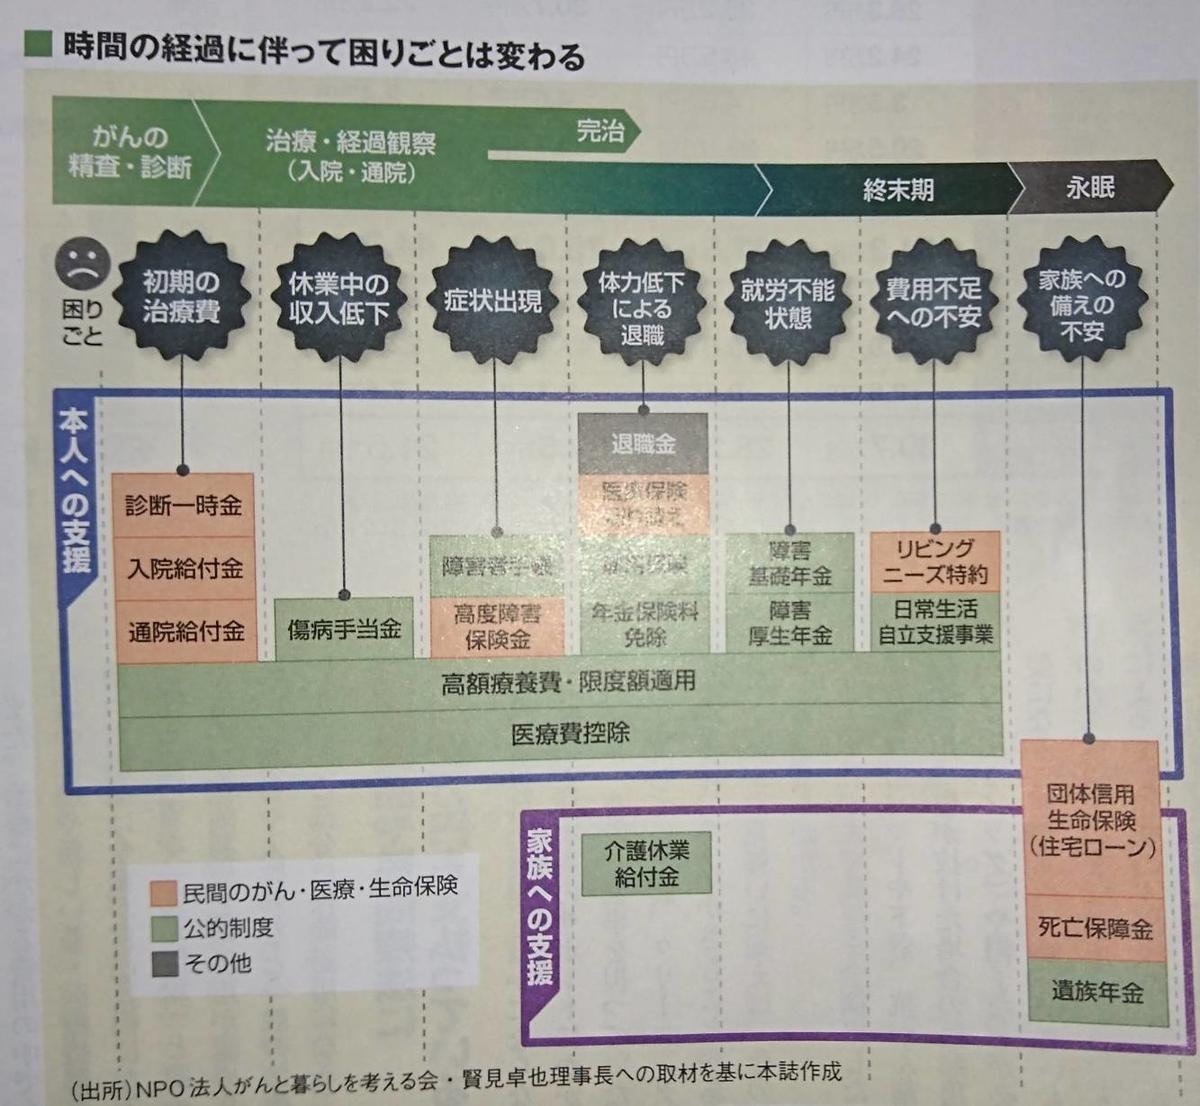 f:id:kazura-kobayashi:20200523103124j:plain